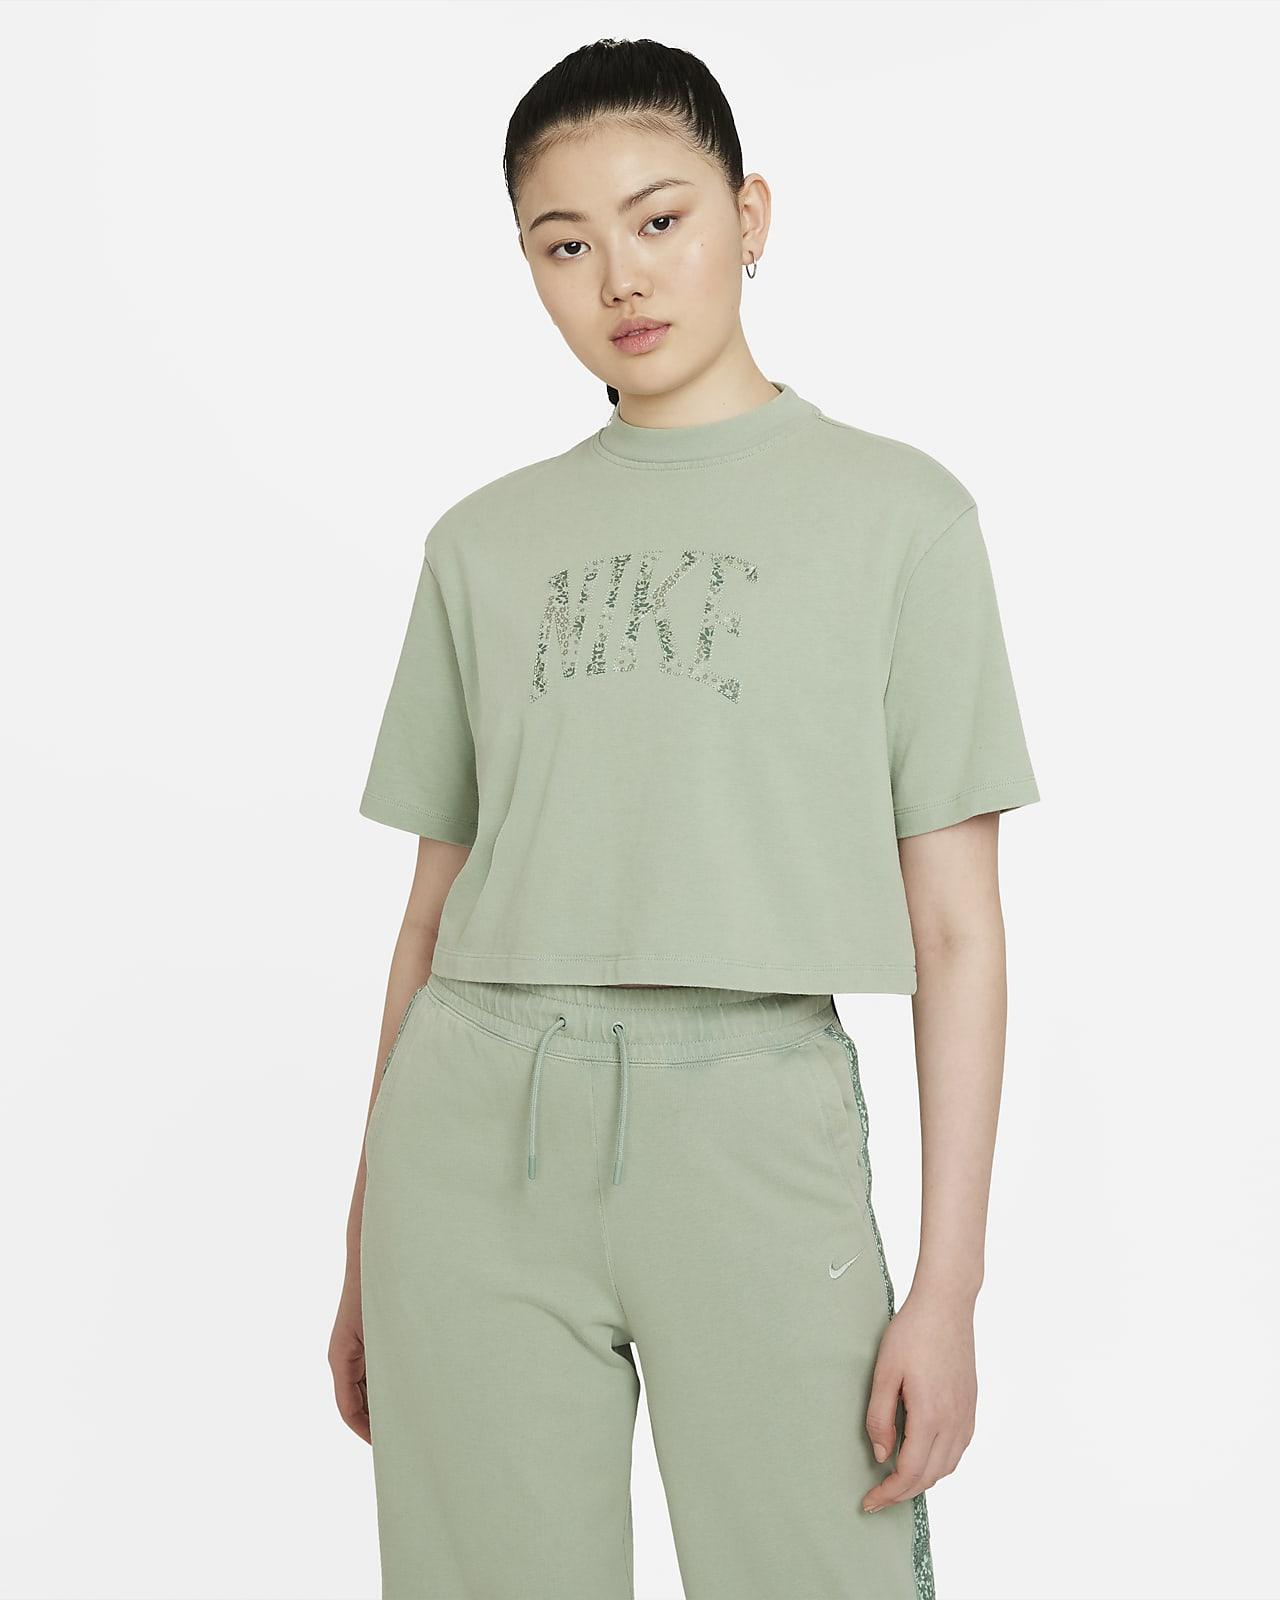 เสื้อเจอร์ซีย์แขนสั้นผู้หญิง Nike Sportswear